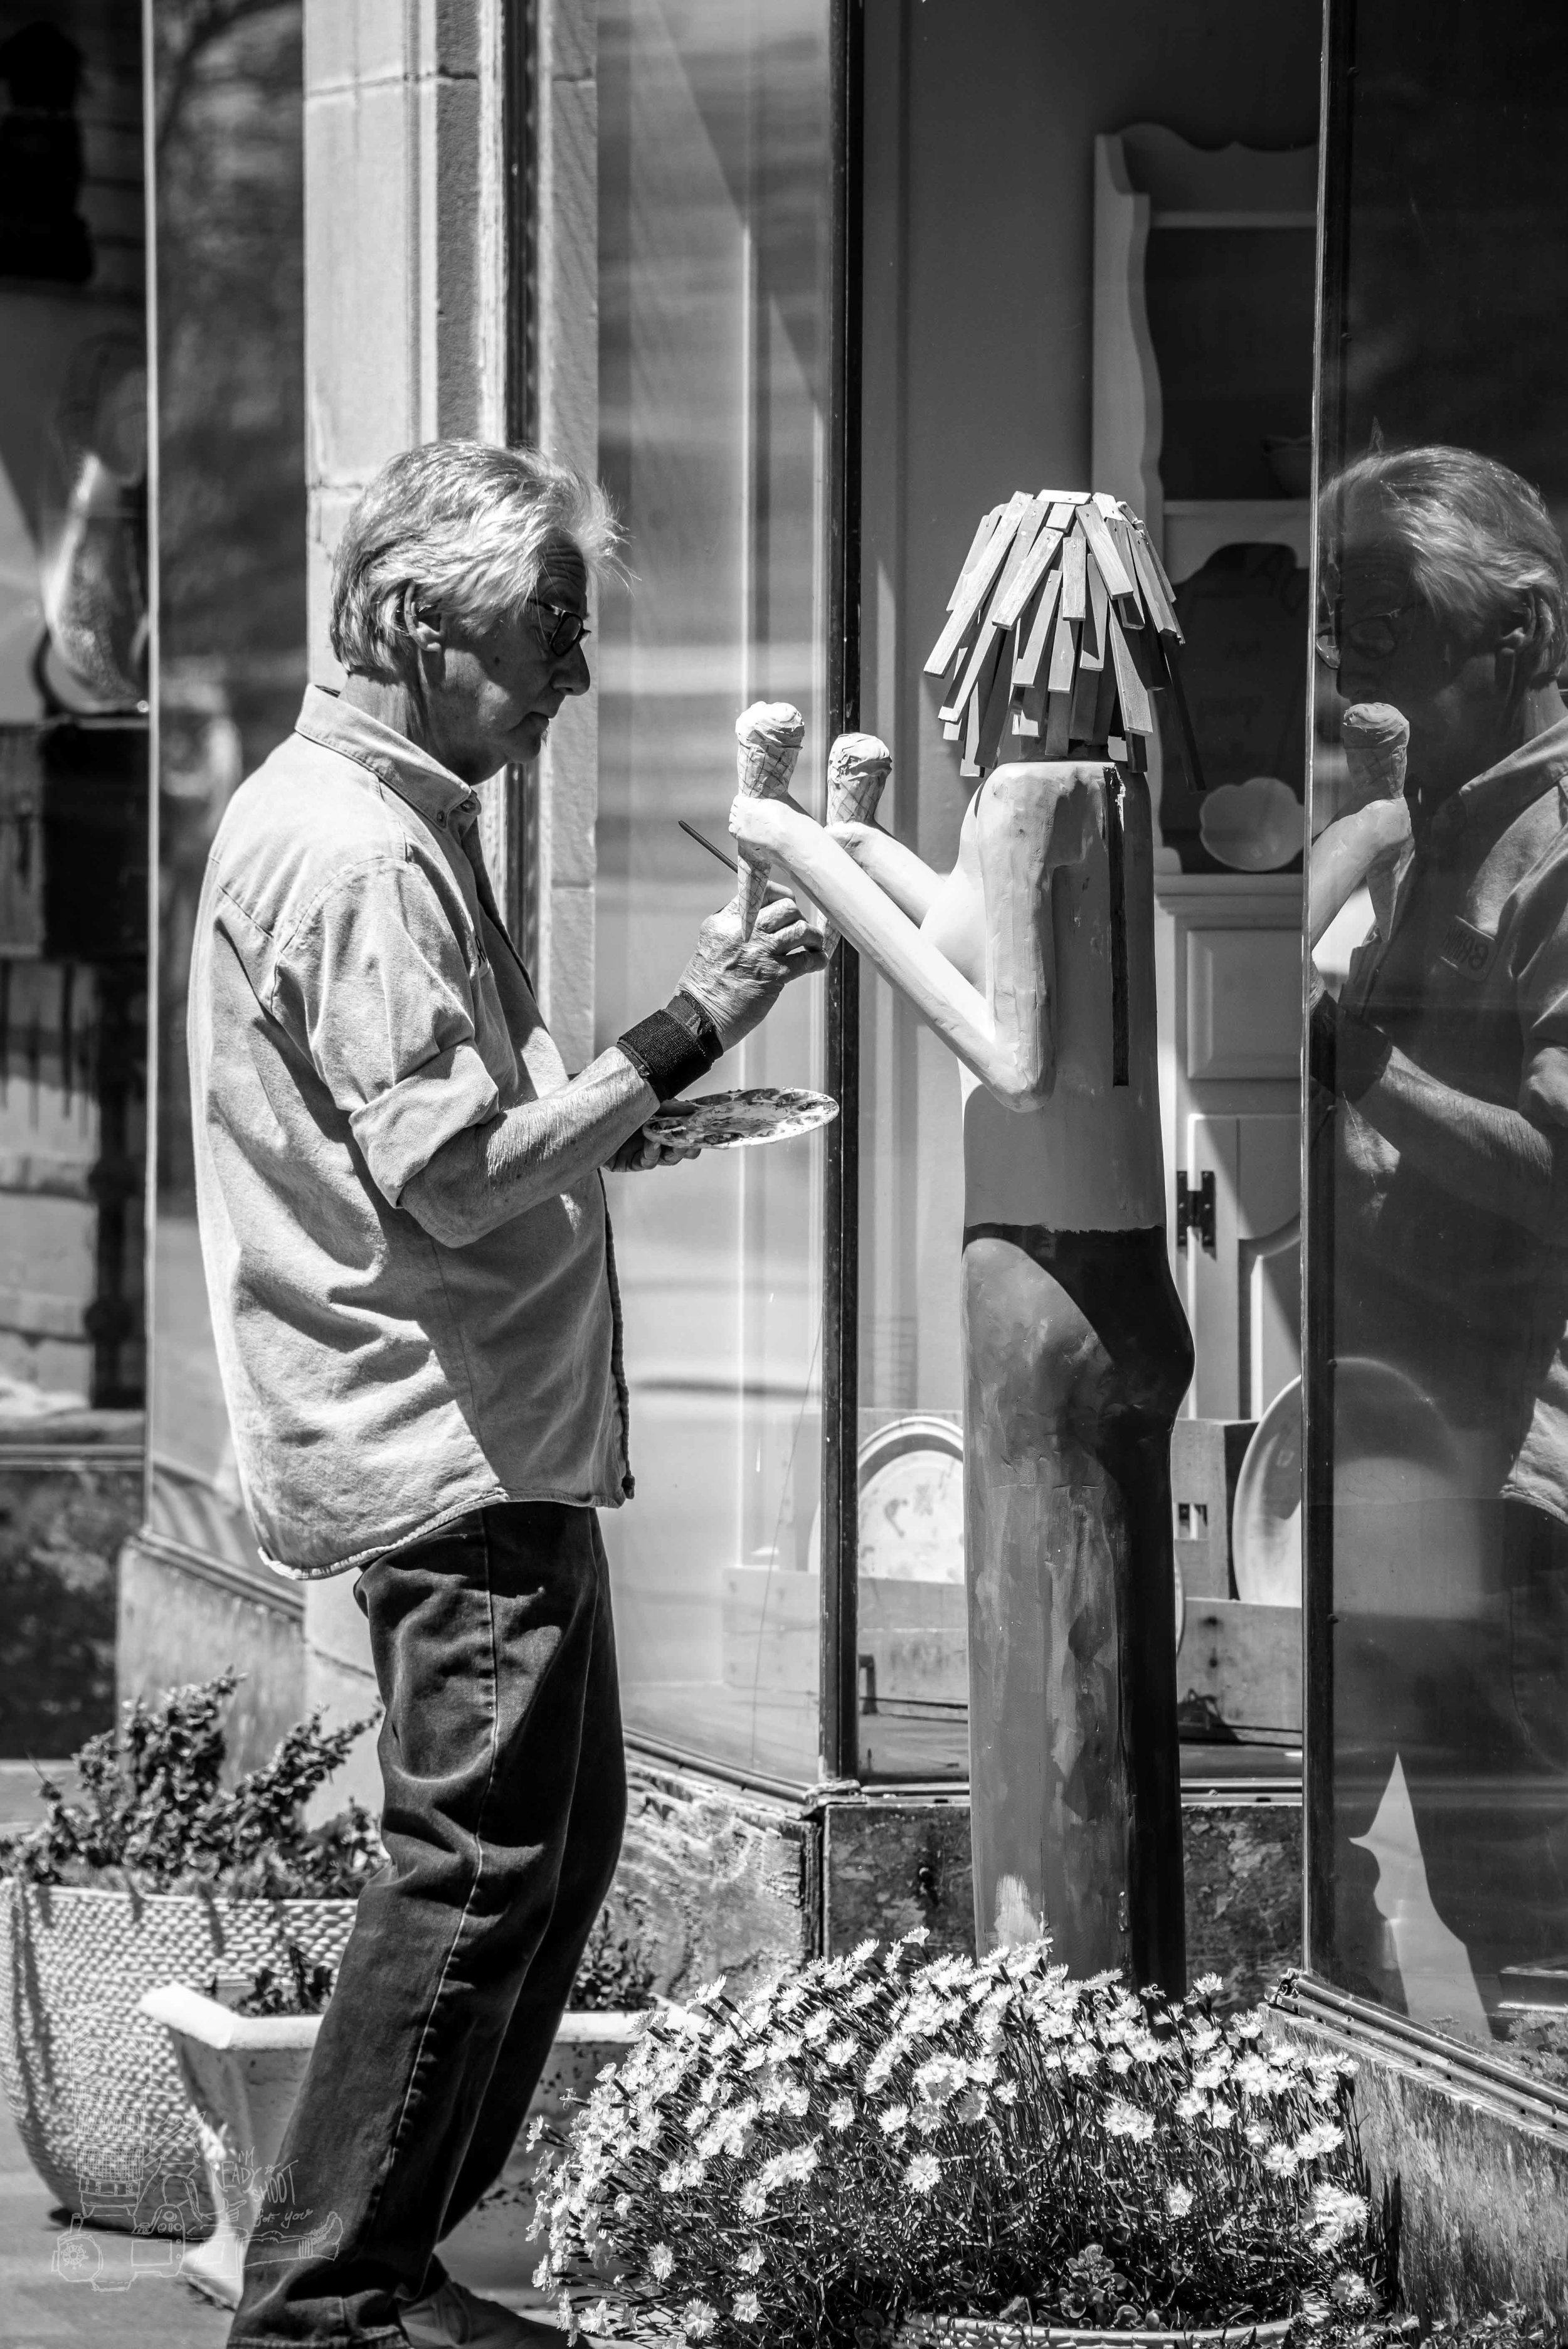 Bruce, An Artist at Work